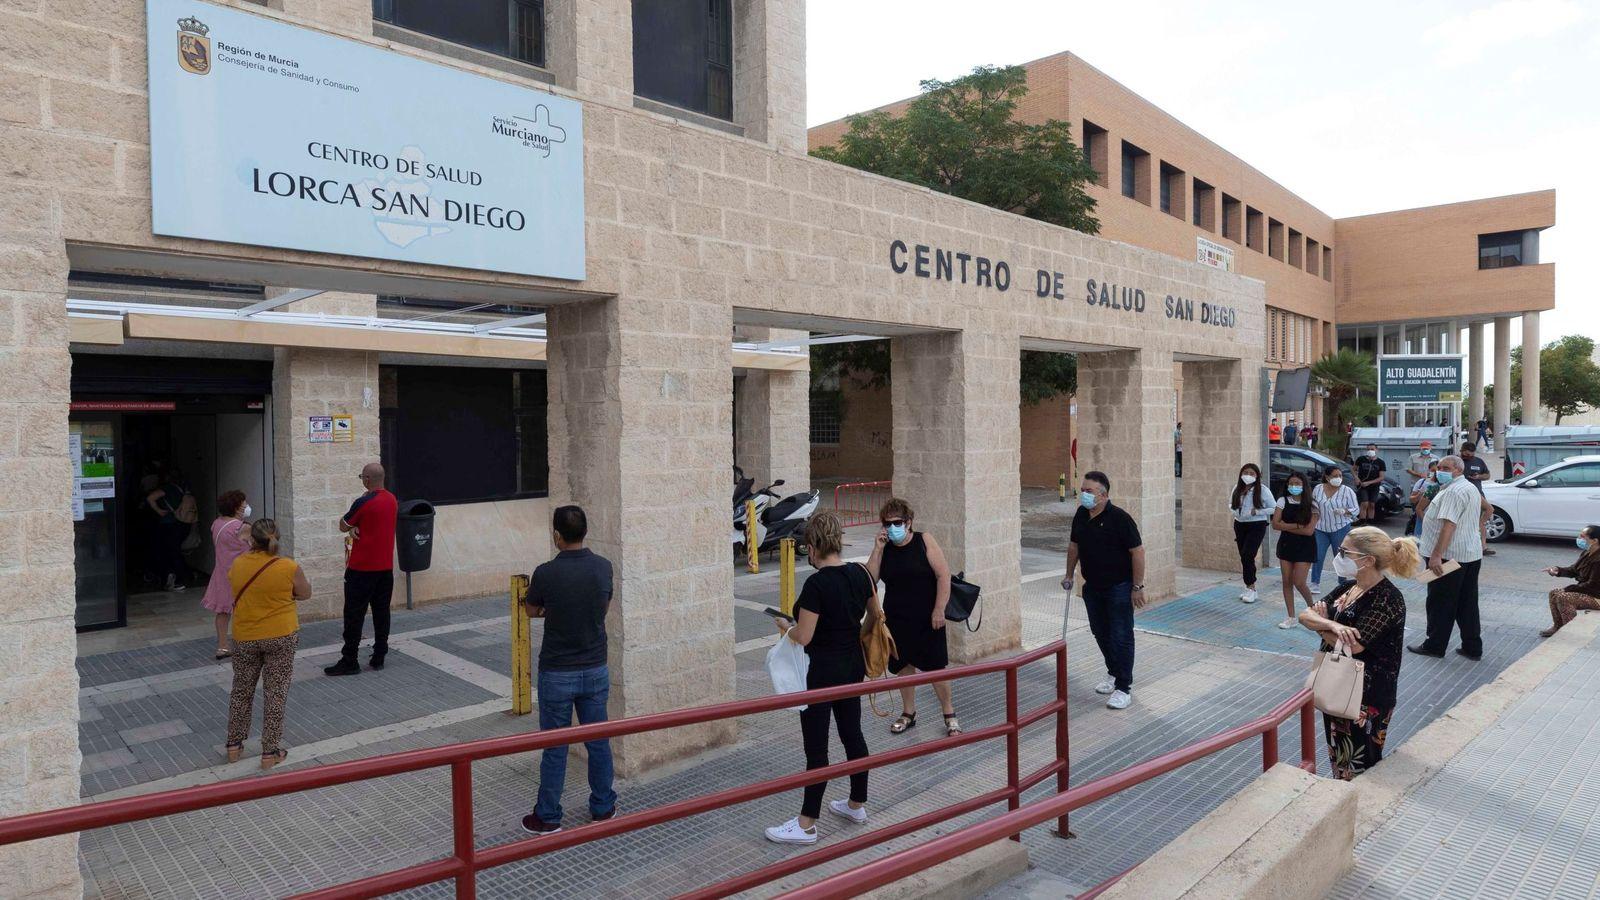 Foto: Varias personas esperan para hacerse una prueba PCR en el Centro de Salud del barrio de San Diego de Lorca, Murcia. (EFE)